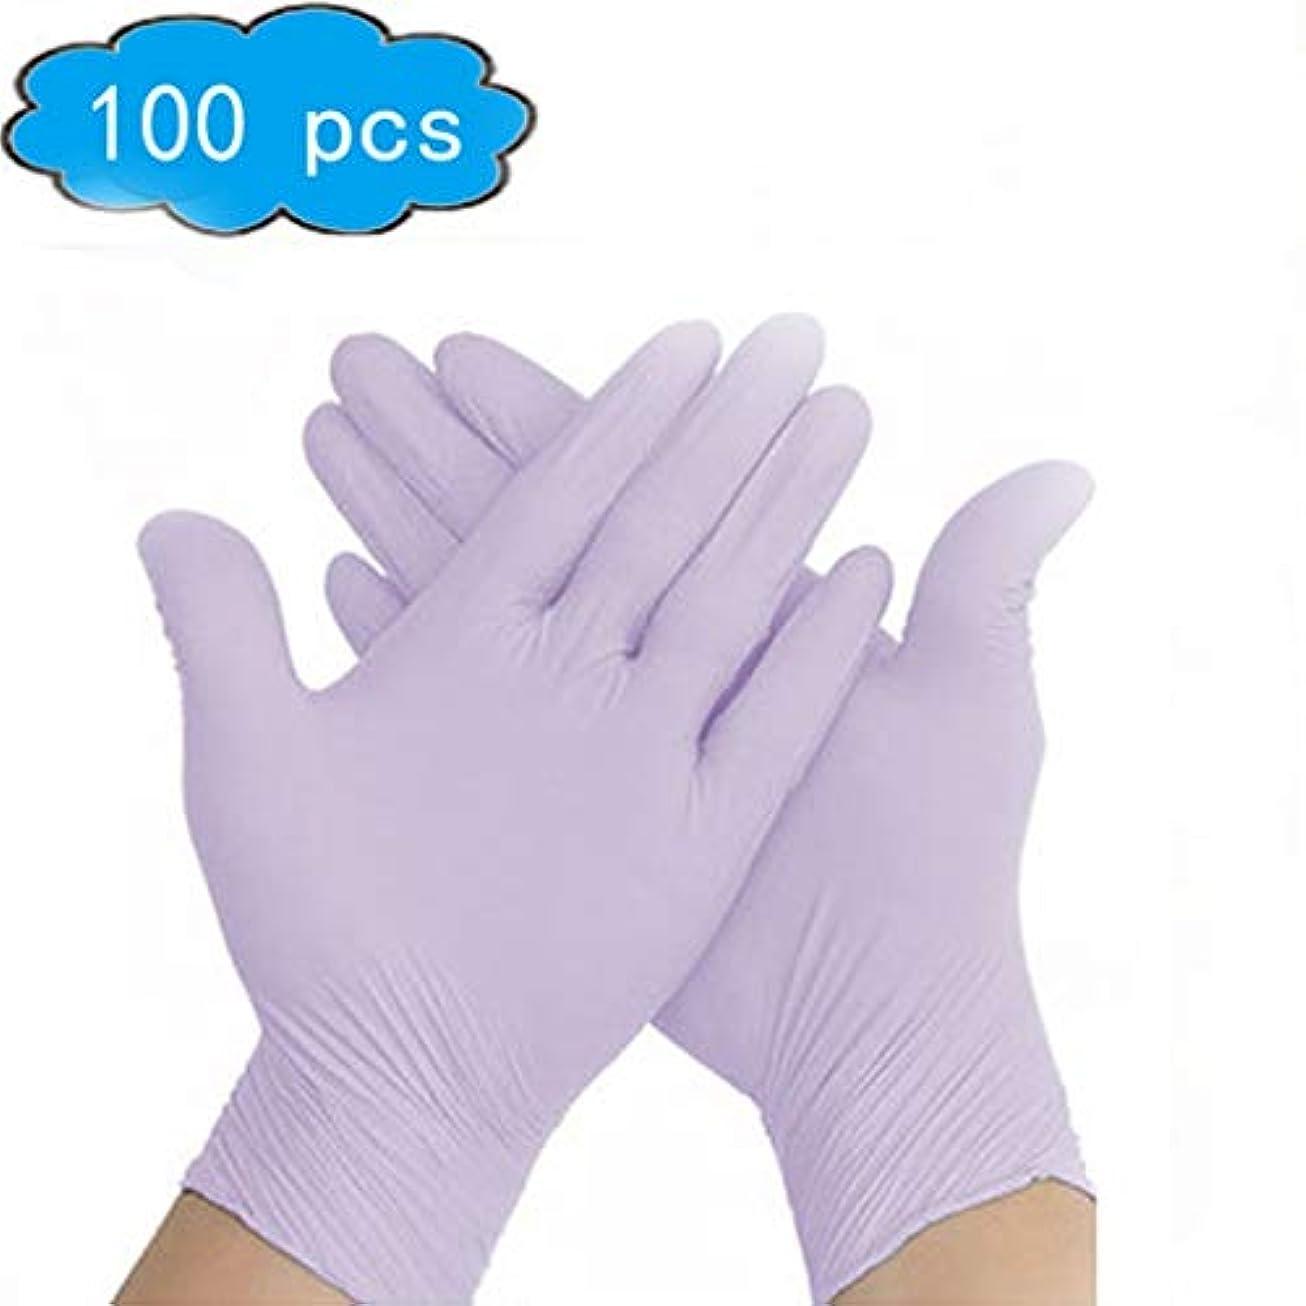 やりがいのある失敗旧正月ニトリル手袋 - 医療用グレード、パウダーフリー、使い捨て、非滅菌、食品安全、テクスチャード加工、紫色、便利なディスペンサーパッケージ100、中サイズ、サニタリー手袋 (Color : Purple, Size : L)